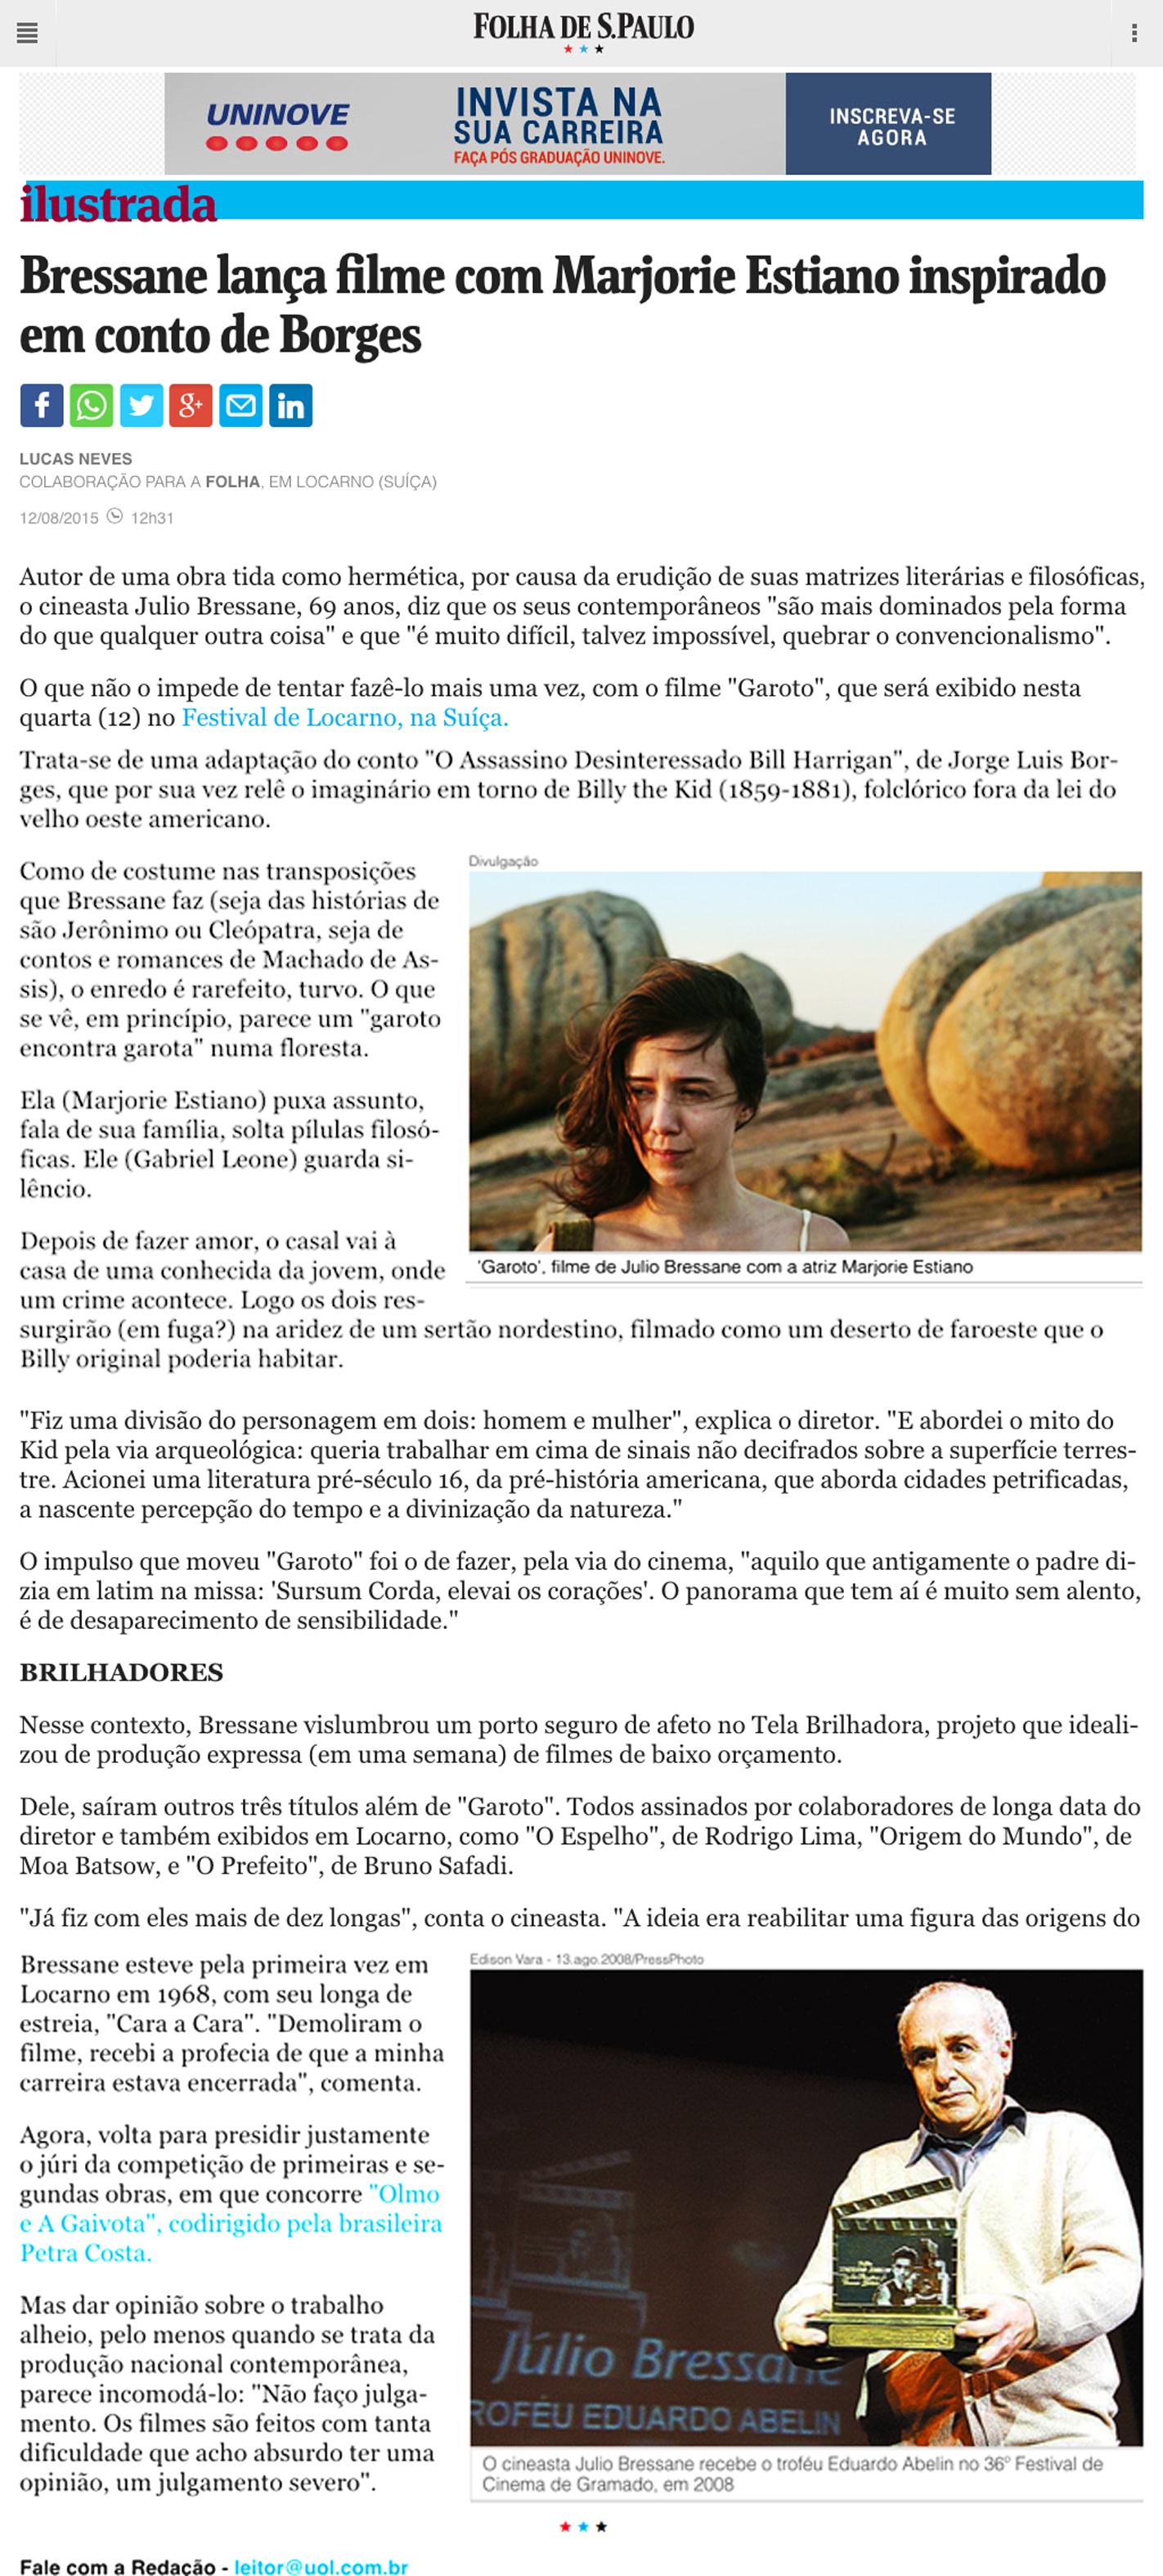 Folha de S. Paulo  Bressane lança filme com Marjorie Estiano inspirado em conto de Borges